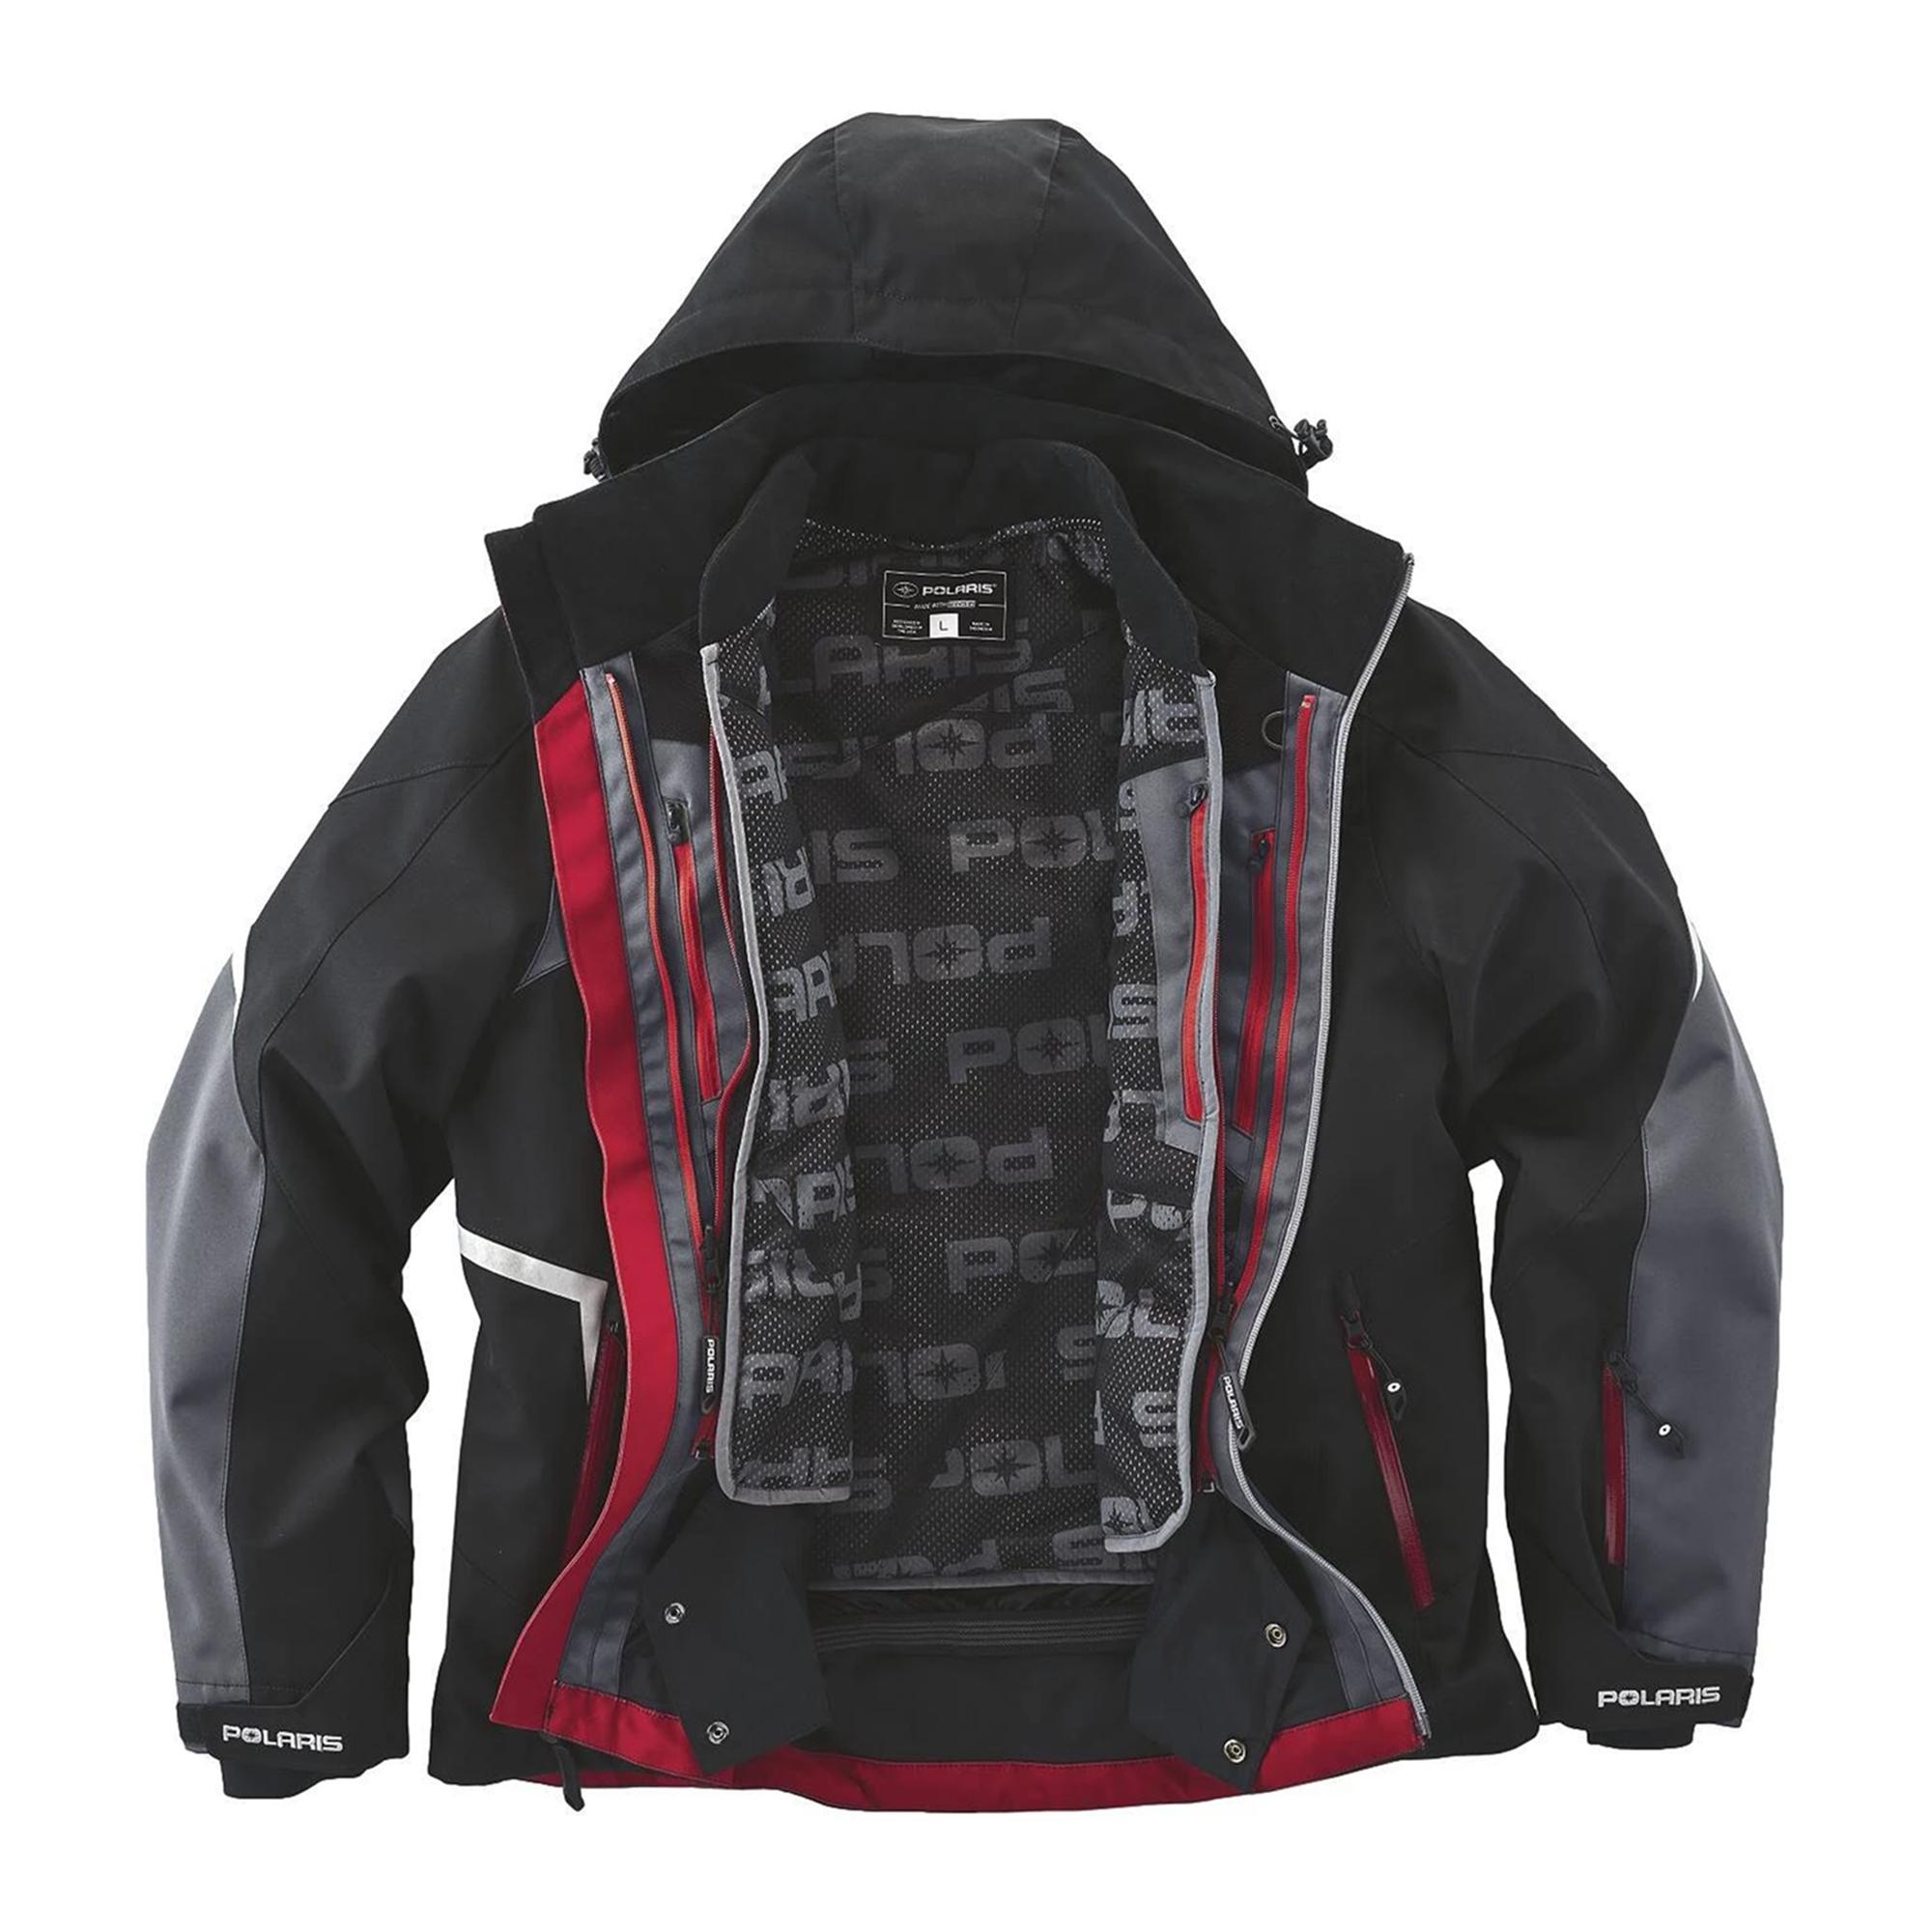 Polaris Mens TECH54 Full-Zip Pro Monosuit//One-Piece Snowsuit with Waterproof Breathable Membrane L